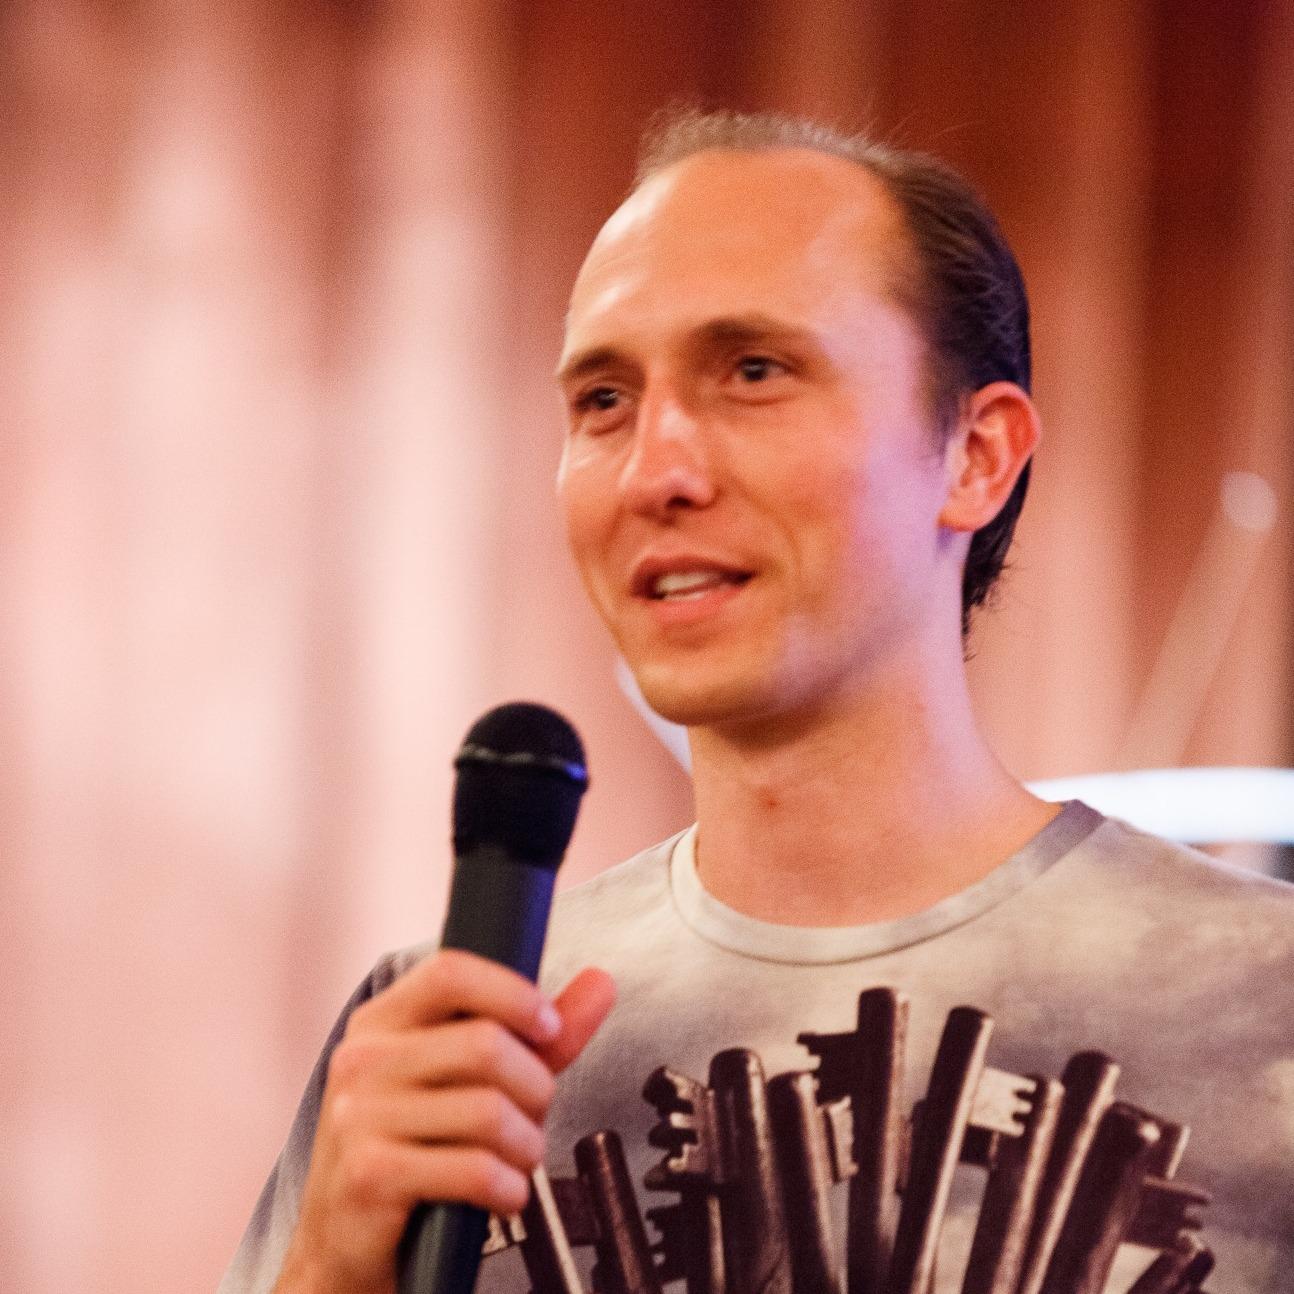 Yeshua Adonai ,  Executive Director